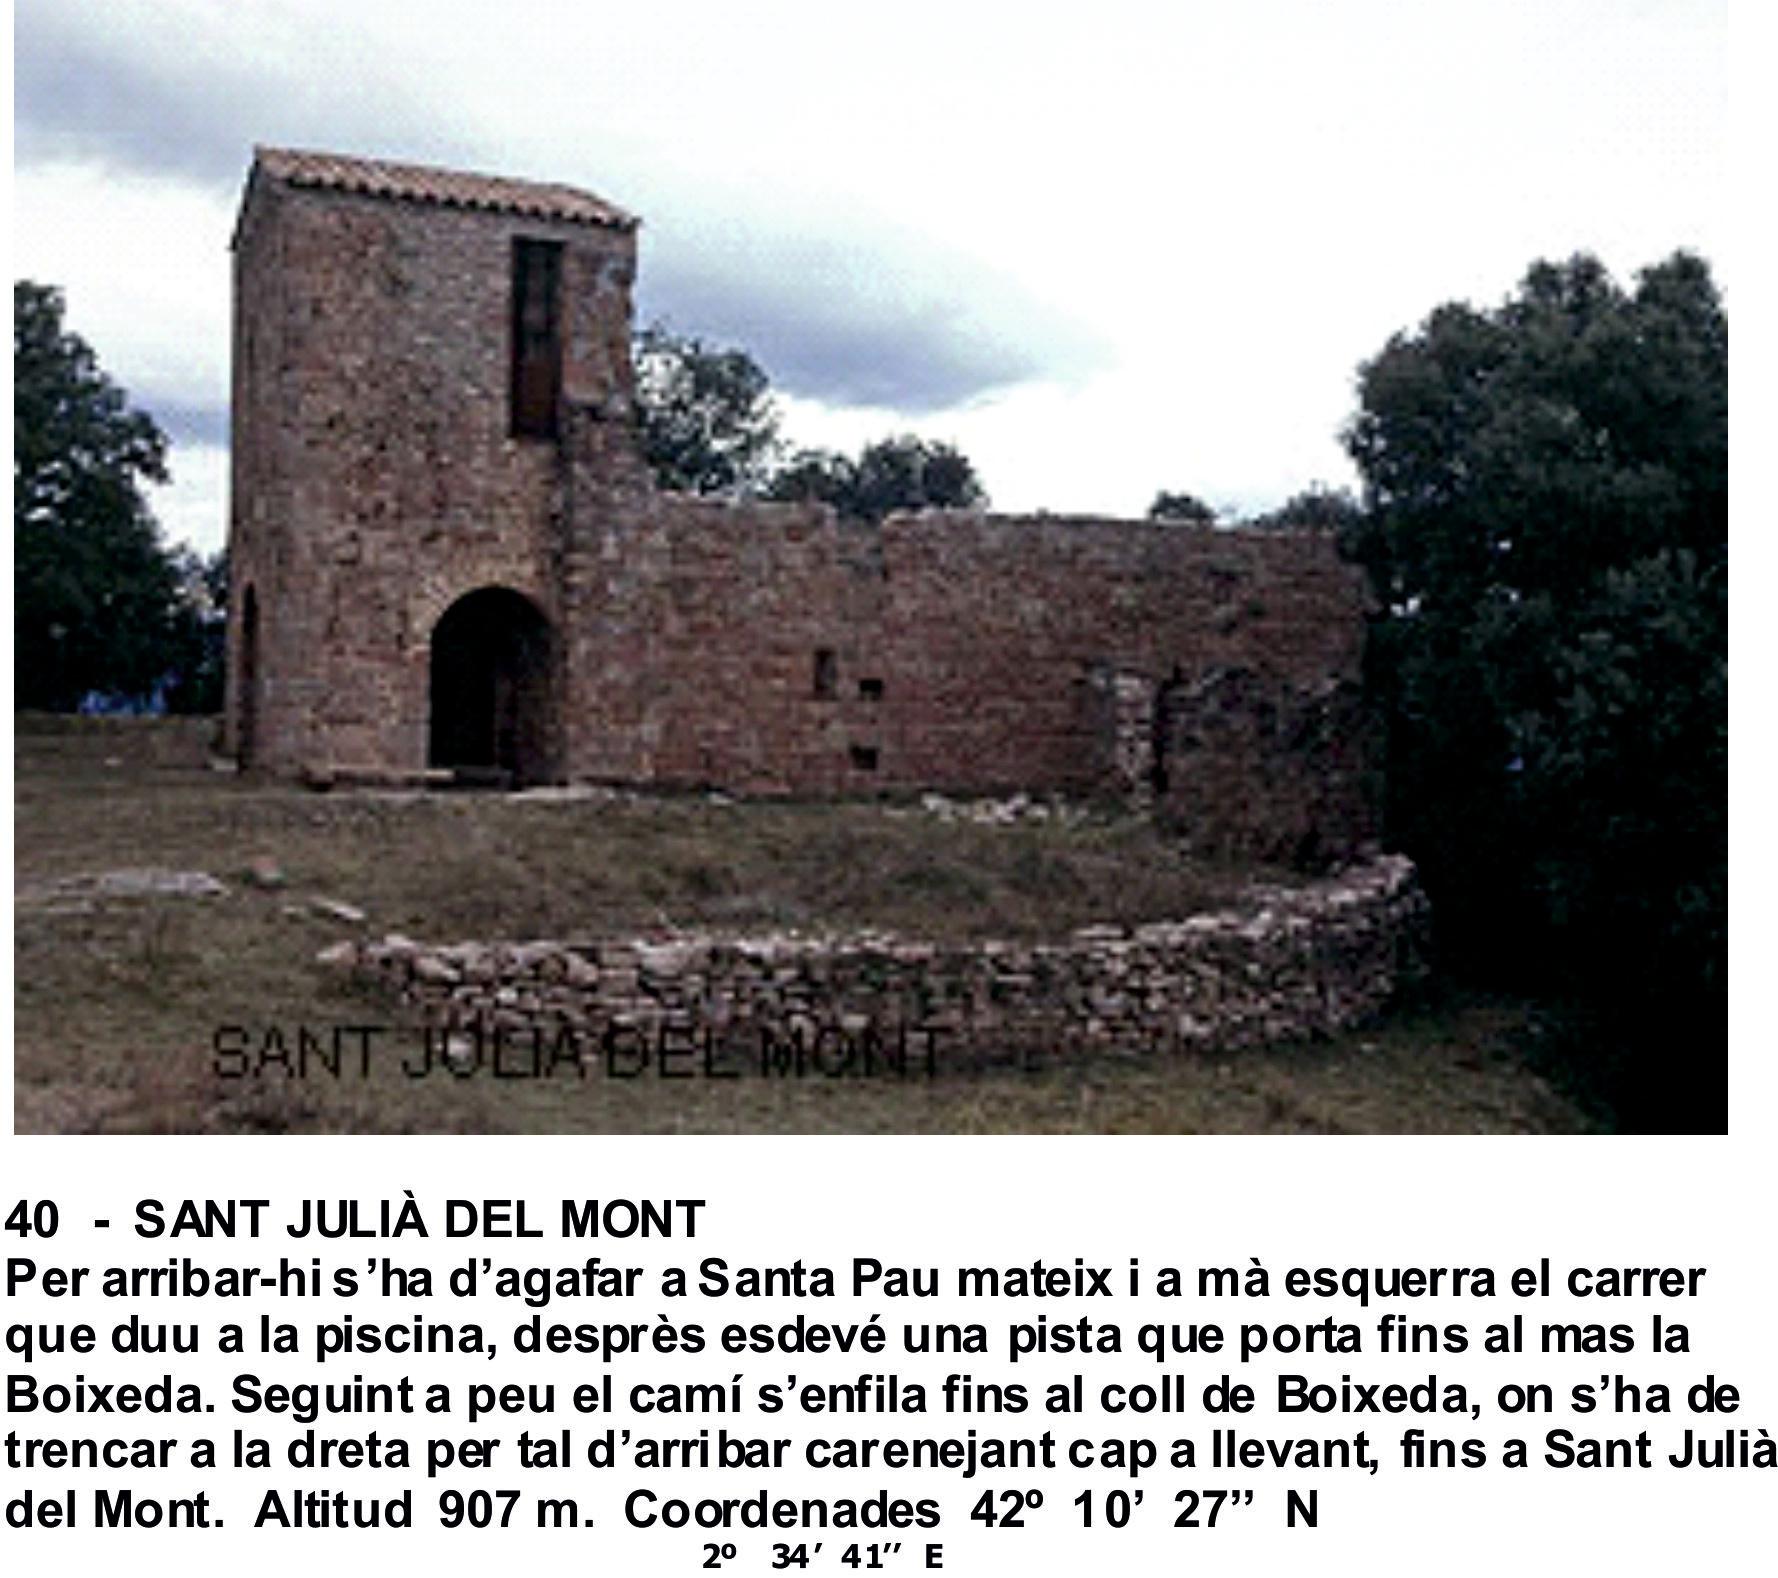 40__-__SANT_JULIÀ_DEL_MONT